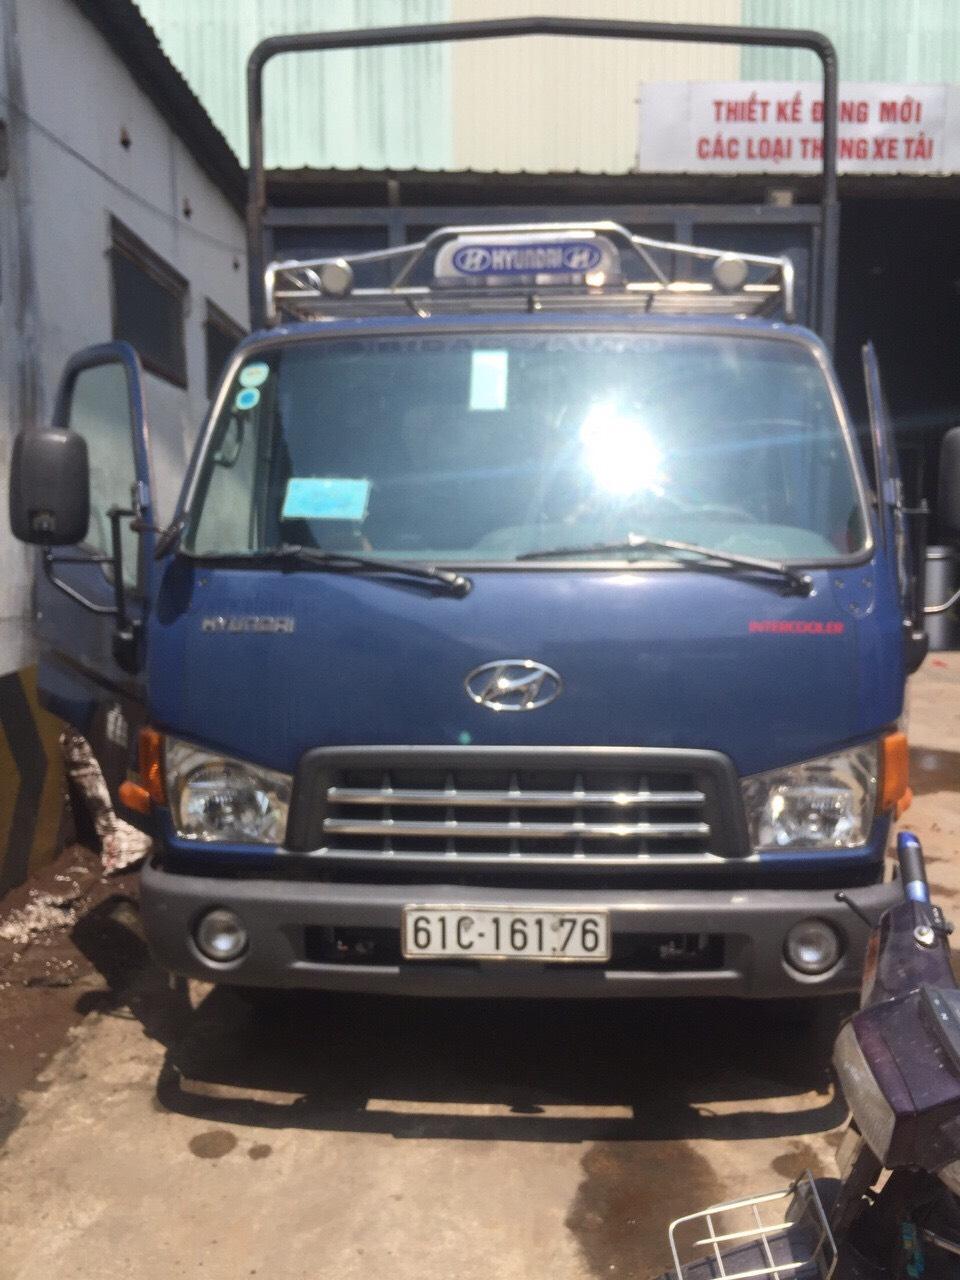 bán xe tải hyundai hd 65 tải 2t4 thùng cao 2m4